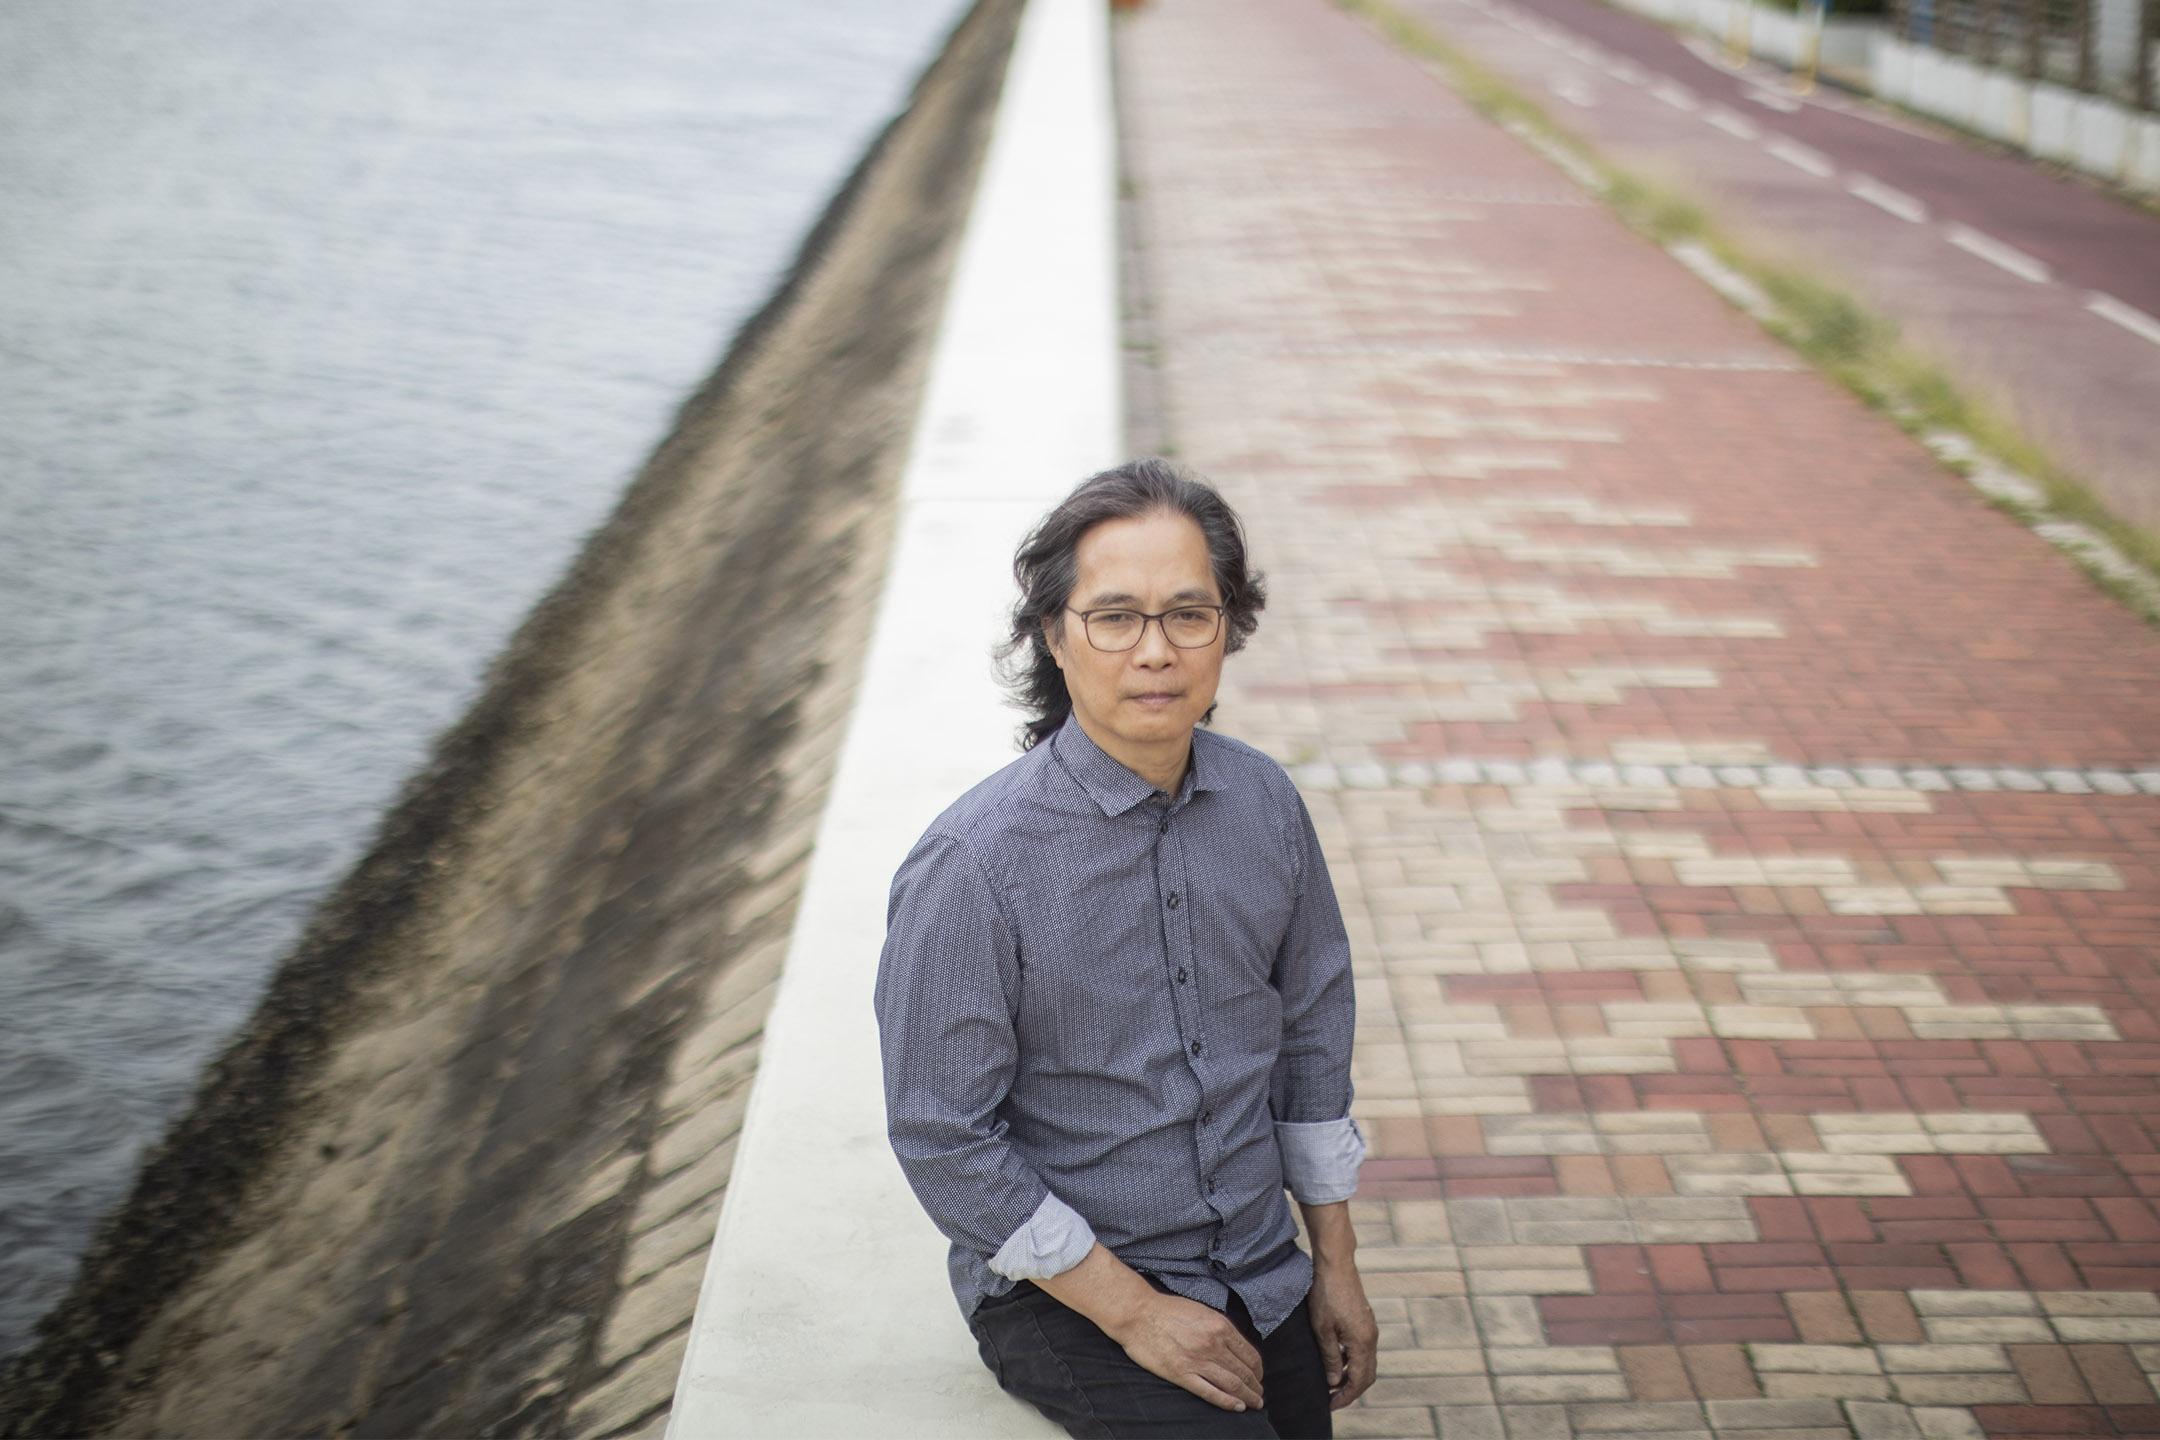 香港中文大學新聞及傳播學院退休教授馬傑偉。 攝:陳焯煇/端傳媒